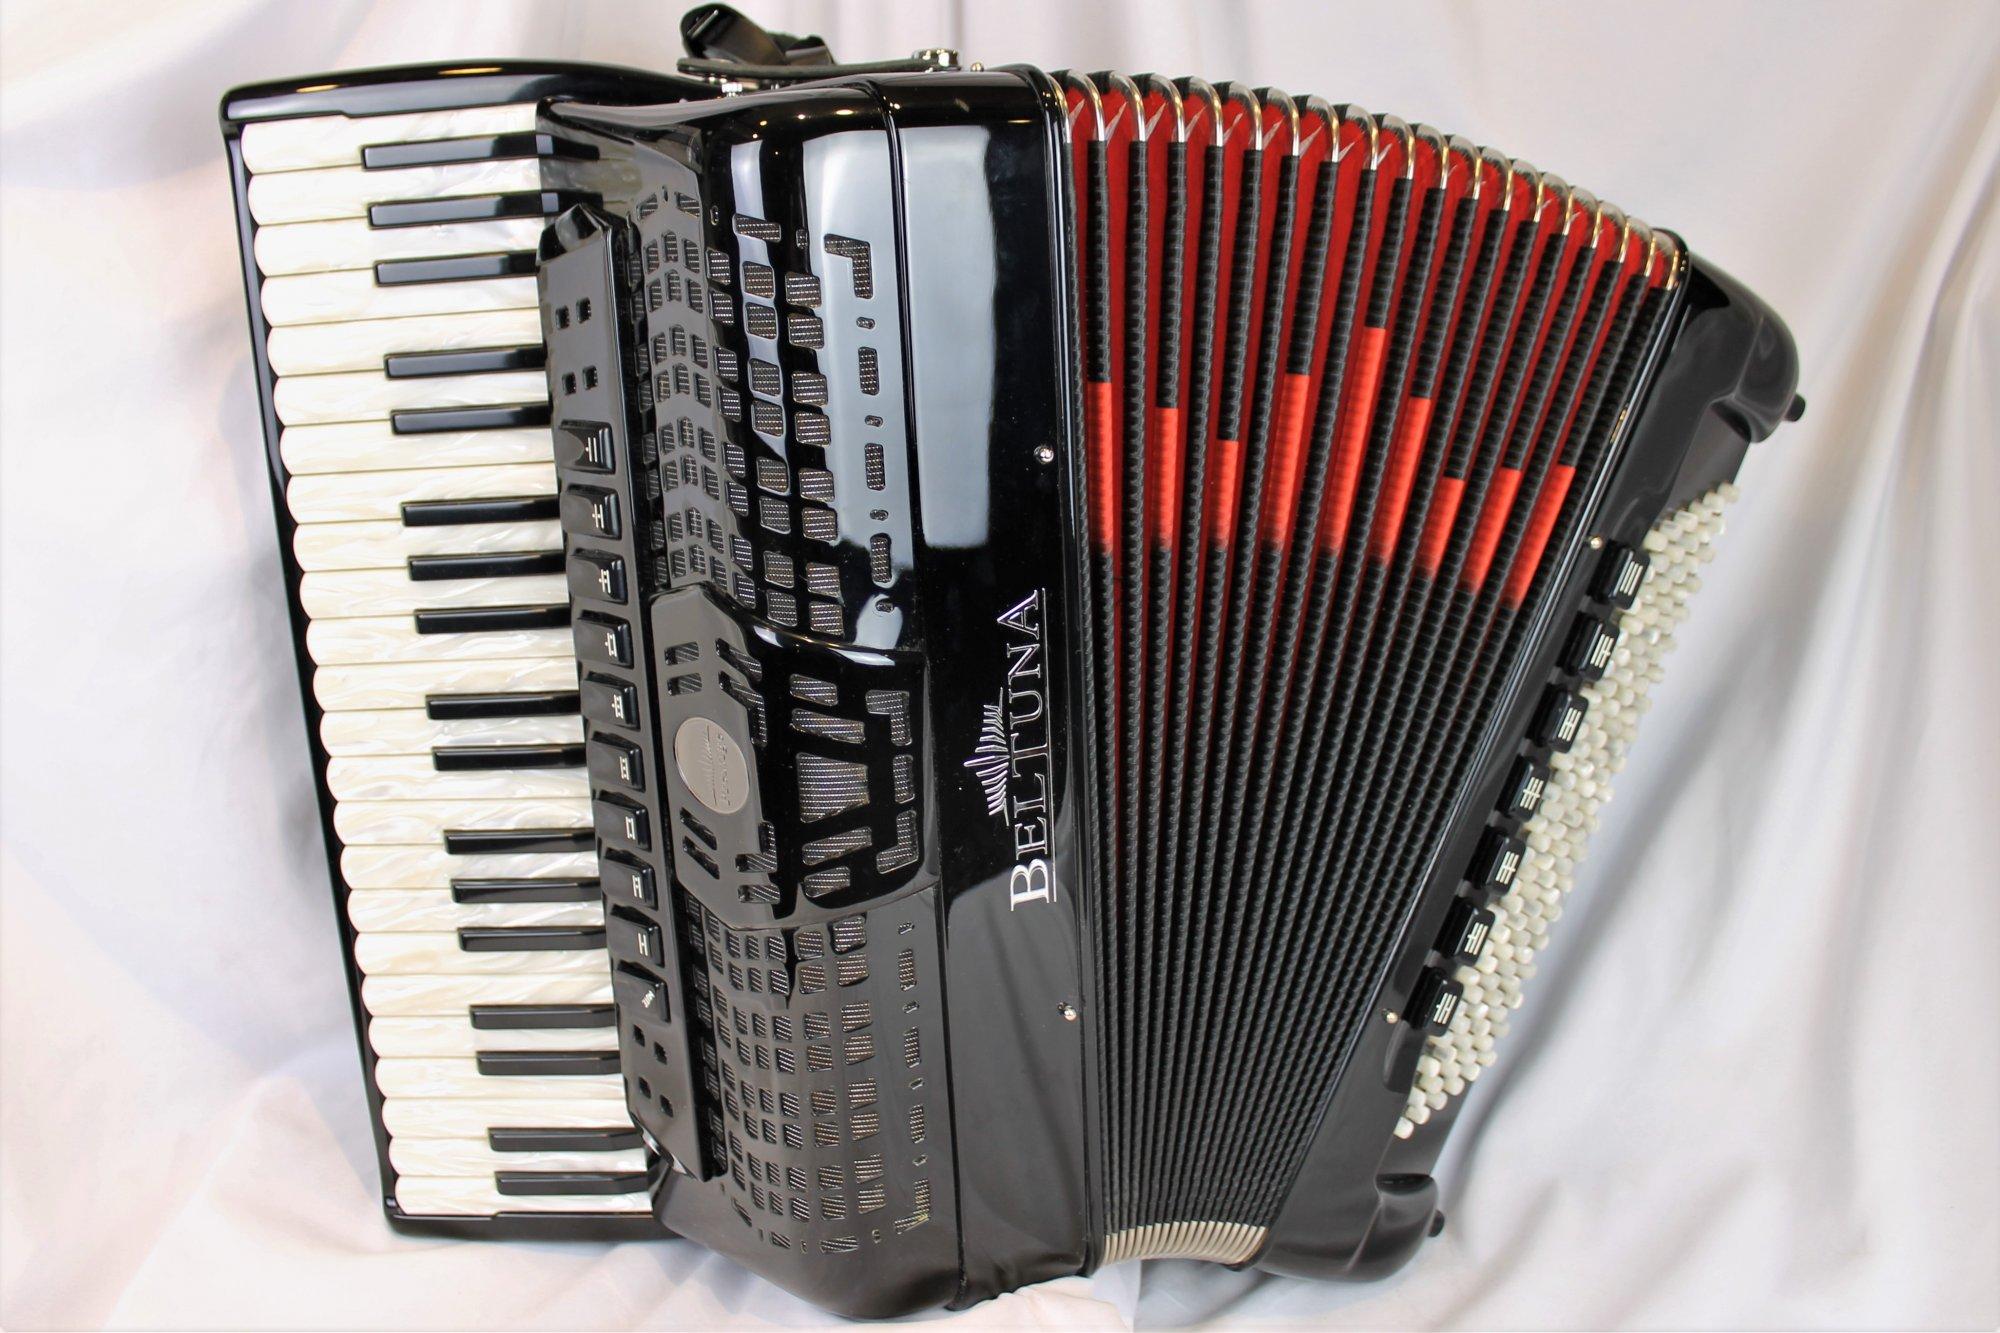 NEW Black Beltuna Prestige IV Piano Accordion LMMM 41 120